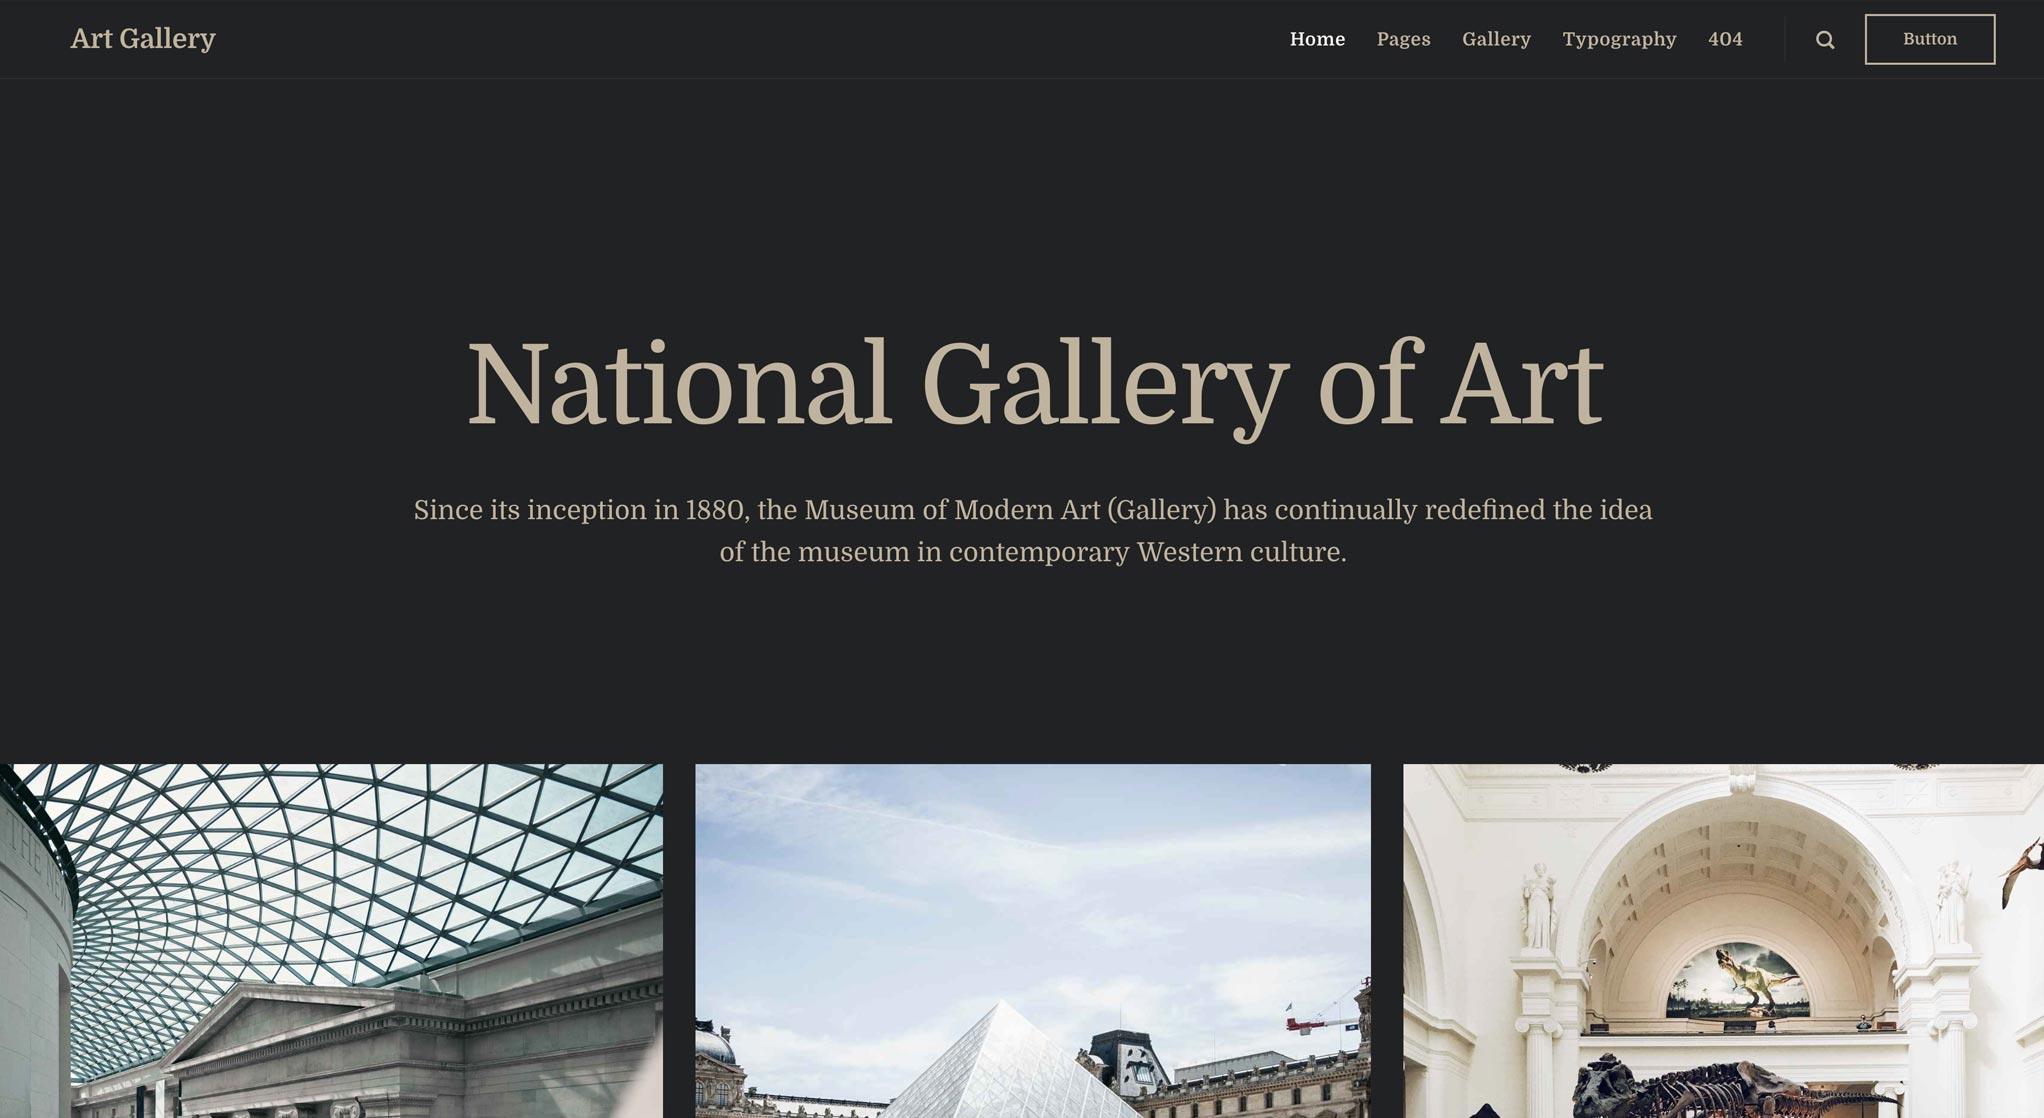 Art Gallery multicolumn slider